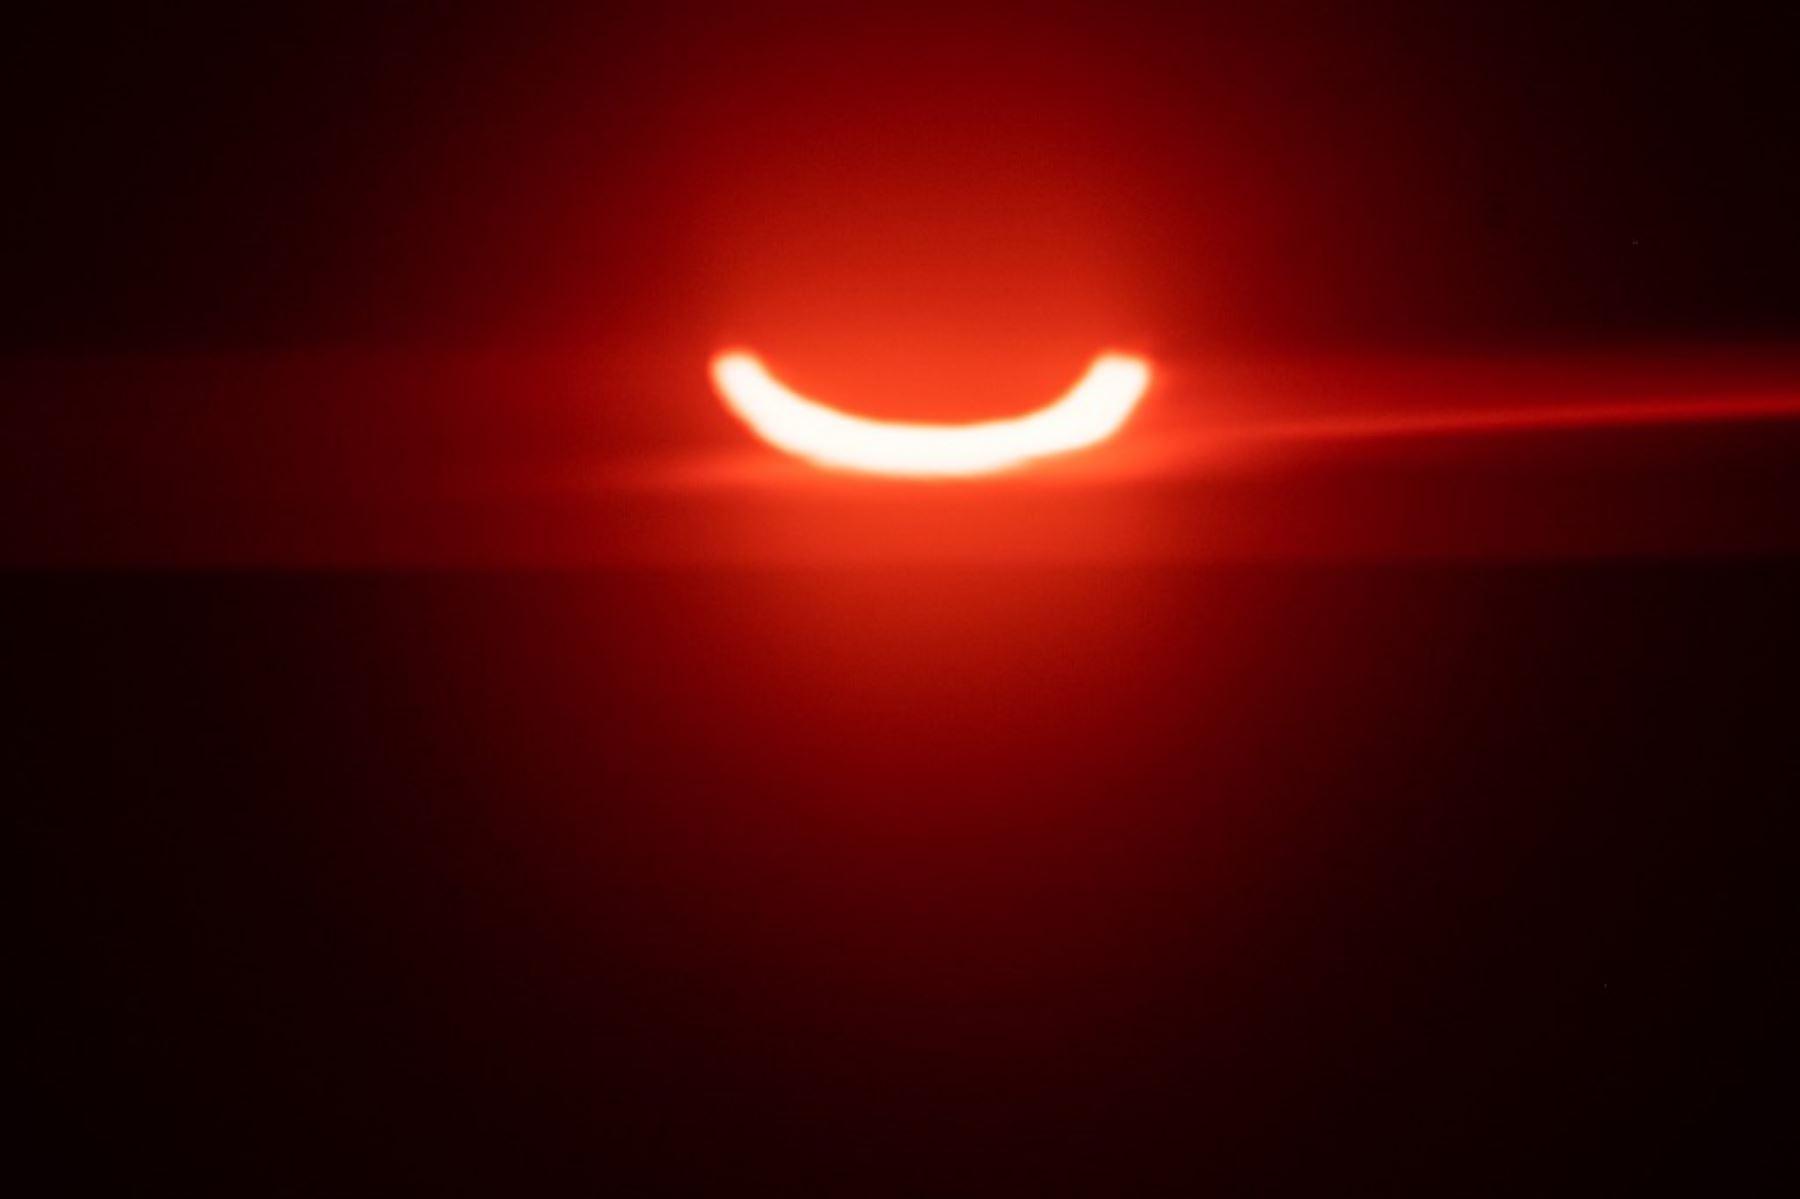 """Un sol eclipsado se eleva sobre Tobermory el 10 de junio de 2021 en Ontario, Canadá. - Los estados canadienses y del noreste de EE. UU. Vieron un raro amanecer eclipsado, mientras que en otras partes del hemisferio norte, este eclipse anular se verá como un anillo exterior delgado y visible del disco solar que no está completamente cubierto por el disco oscuro más pequeño la luna, un llamado """"anillo de fuego"""". Foto: AFP"""